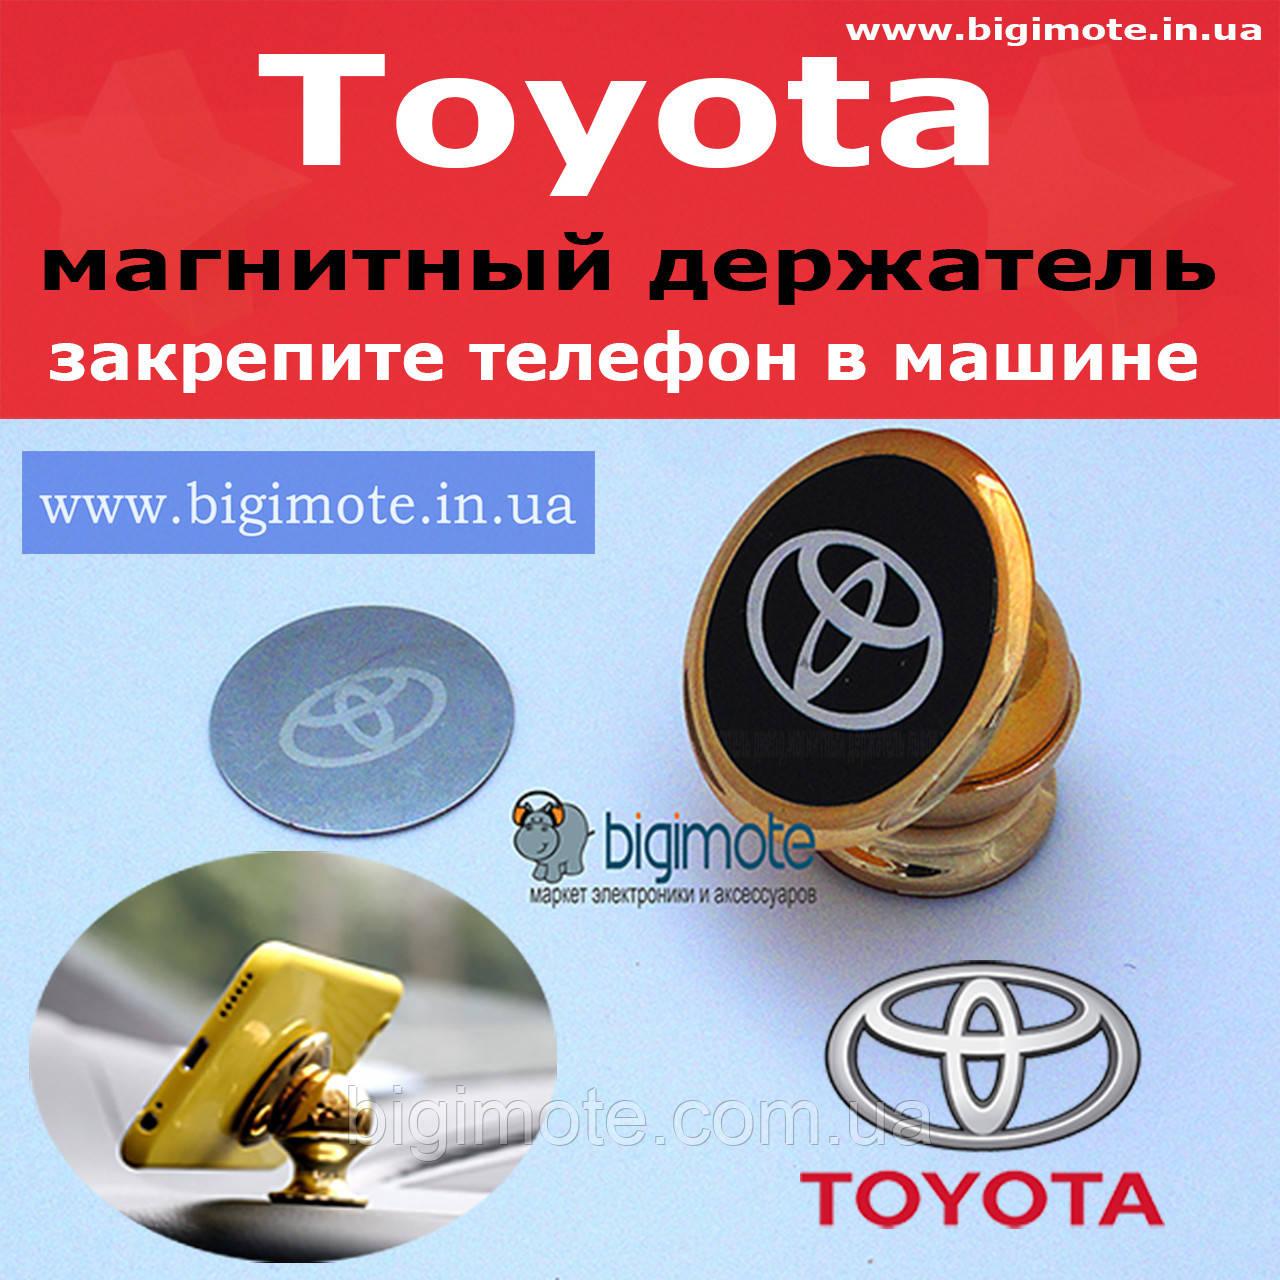 Toyota. Качественный магнитный держатель,Bigimote